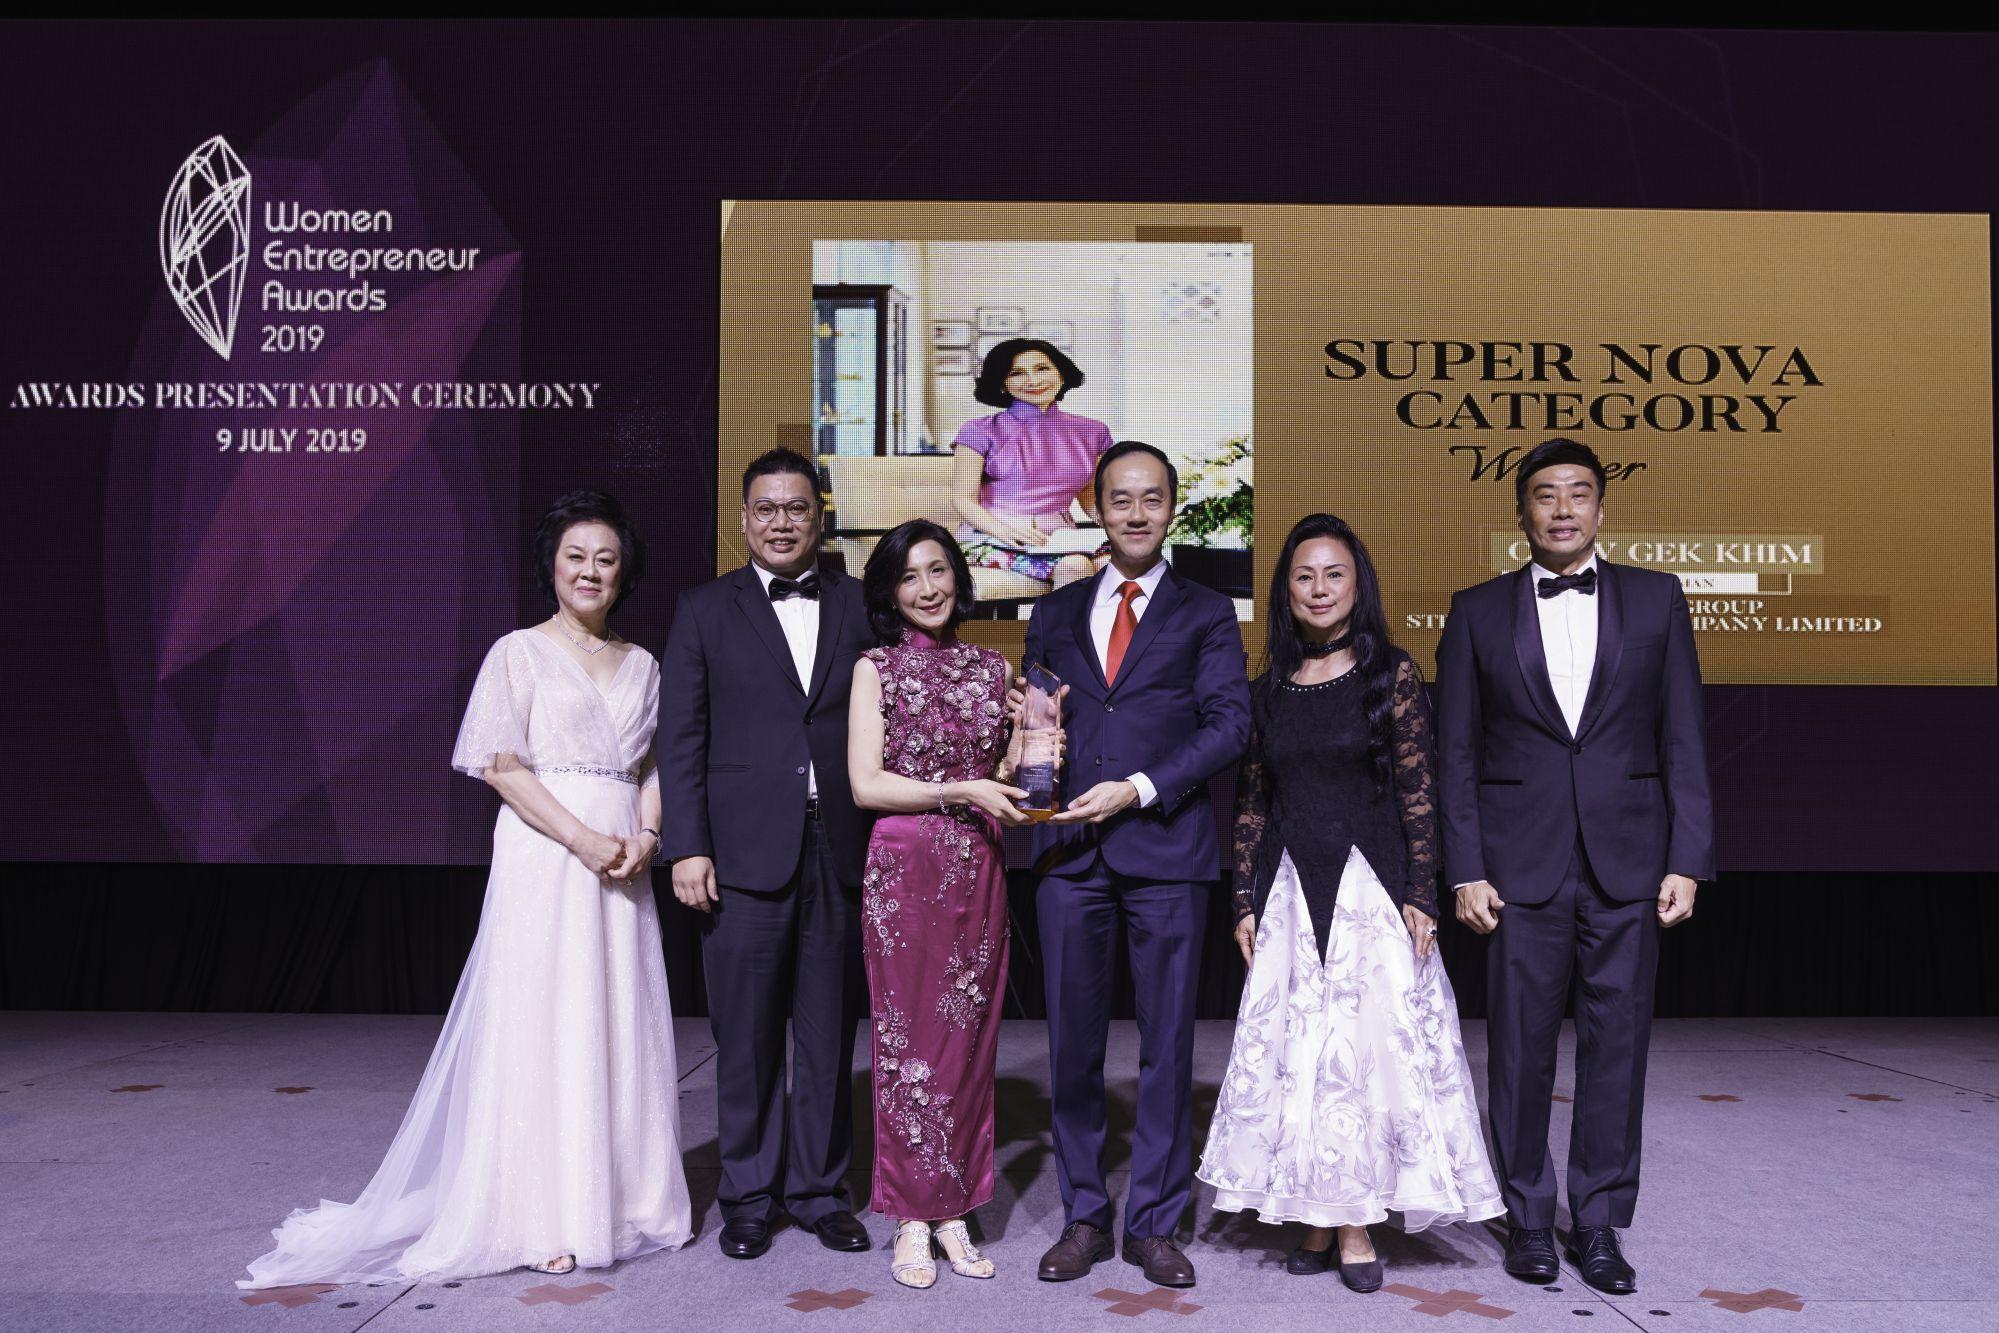 Women Entrepreneur Awards 2019